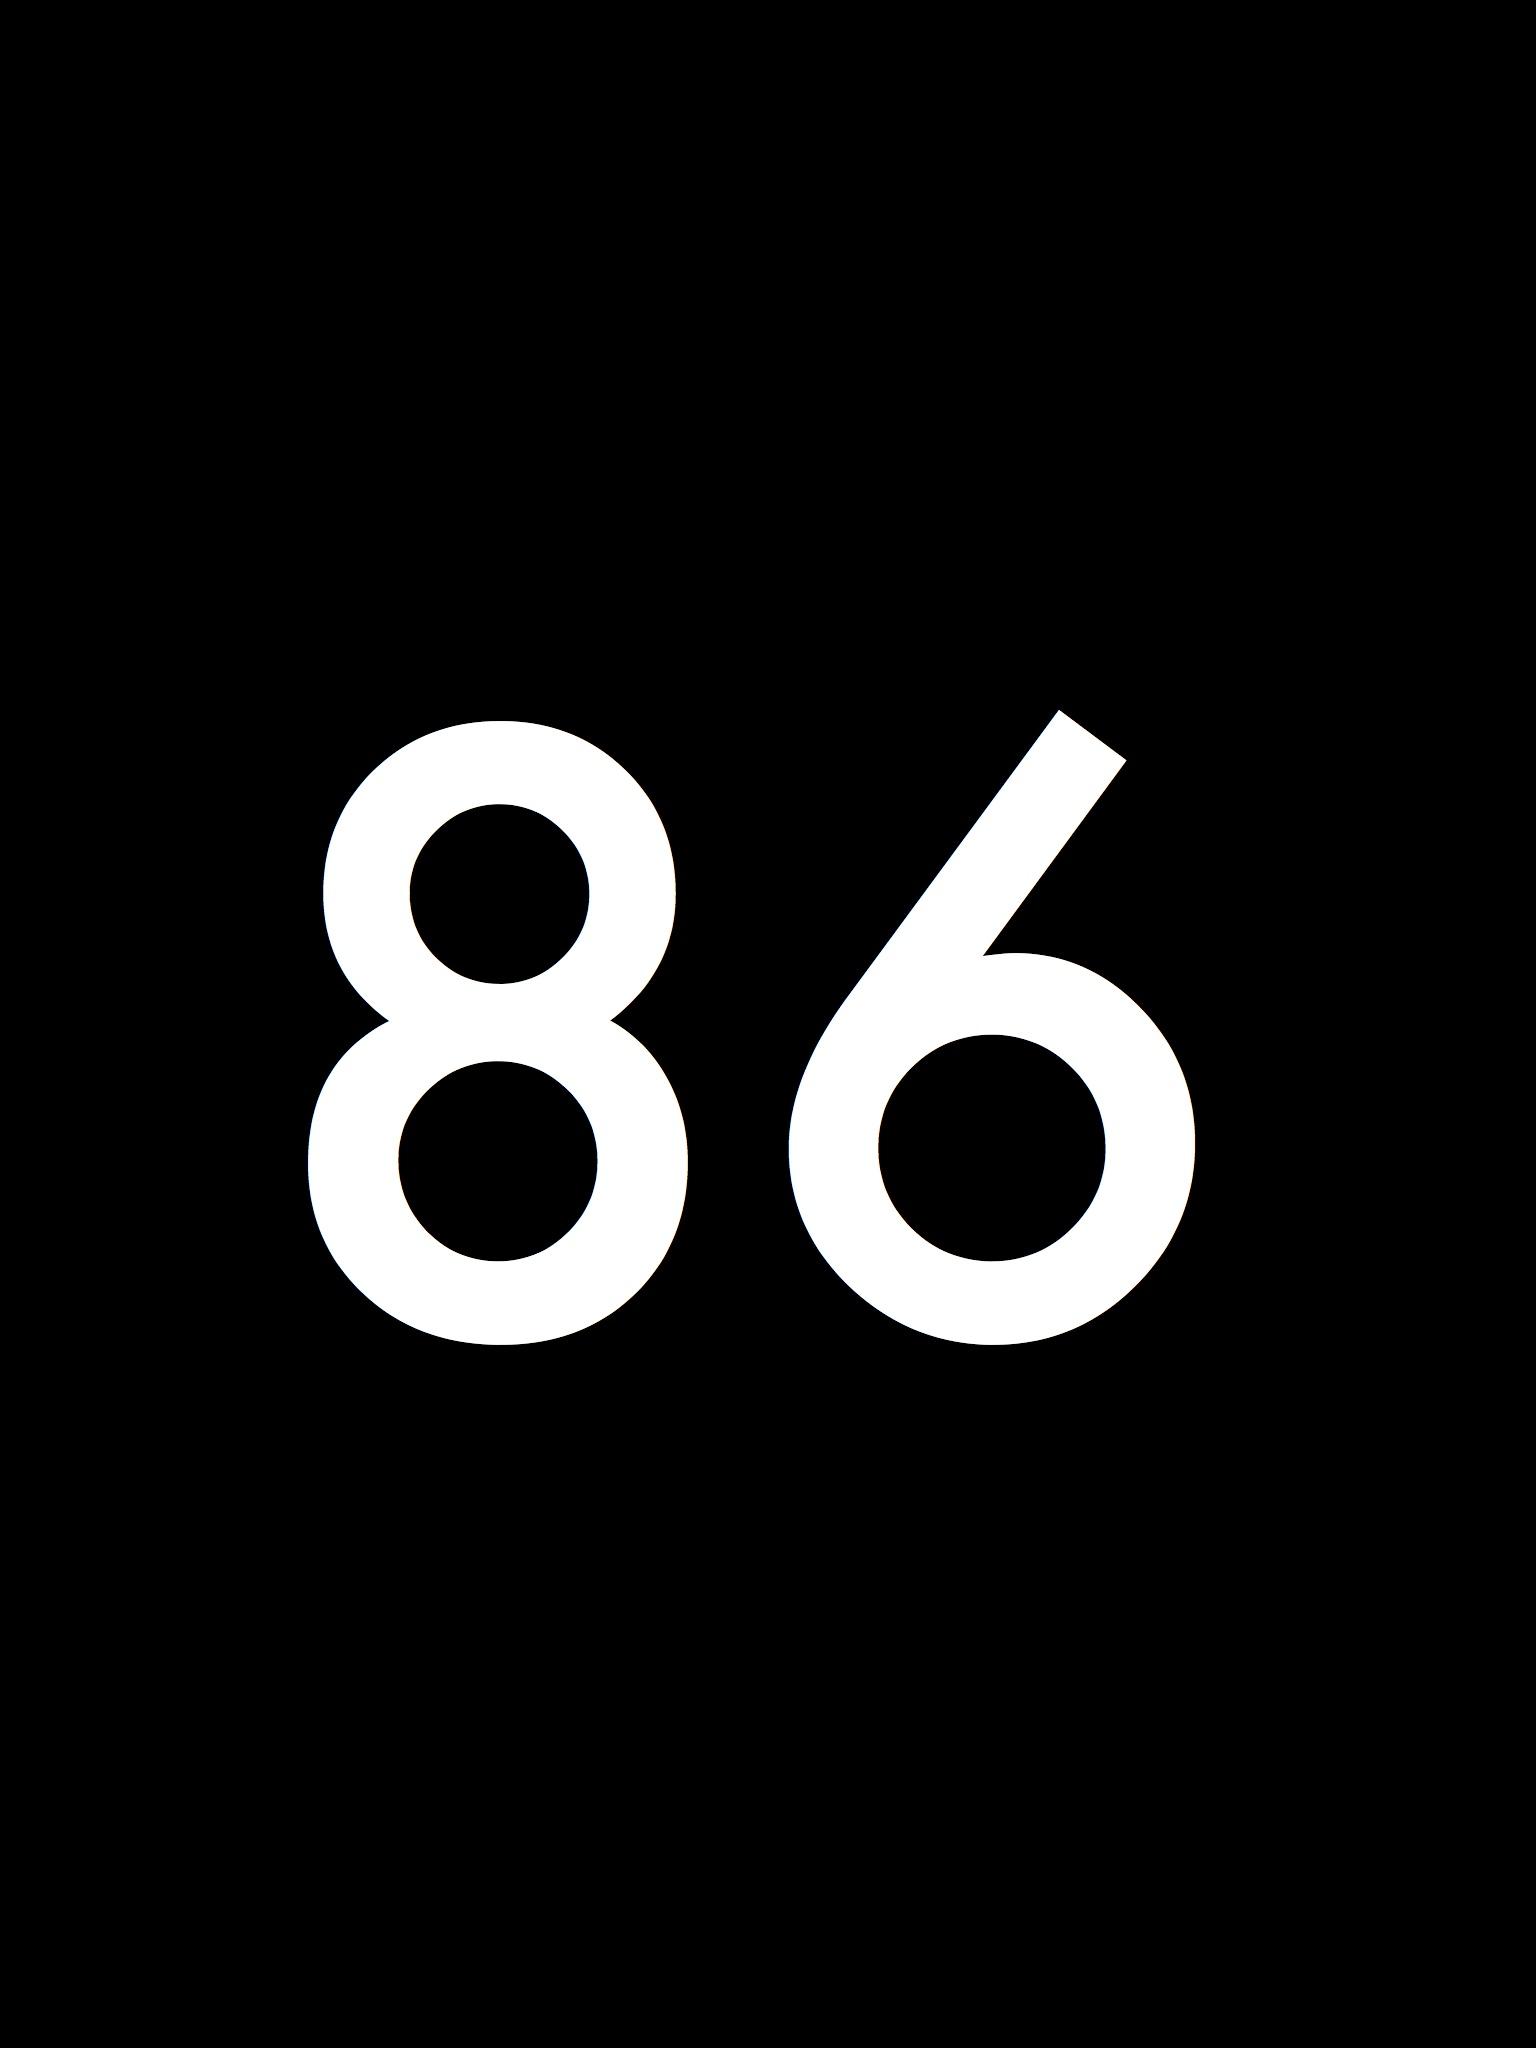 Black_Number.086.jpg